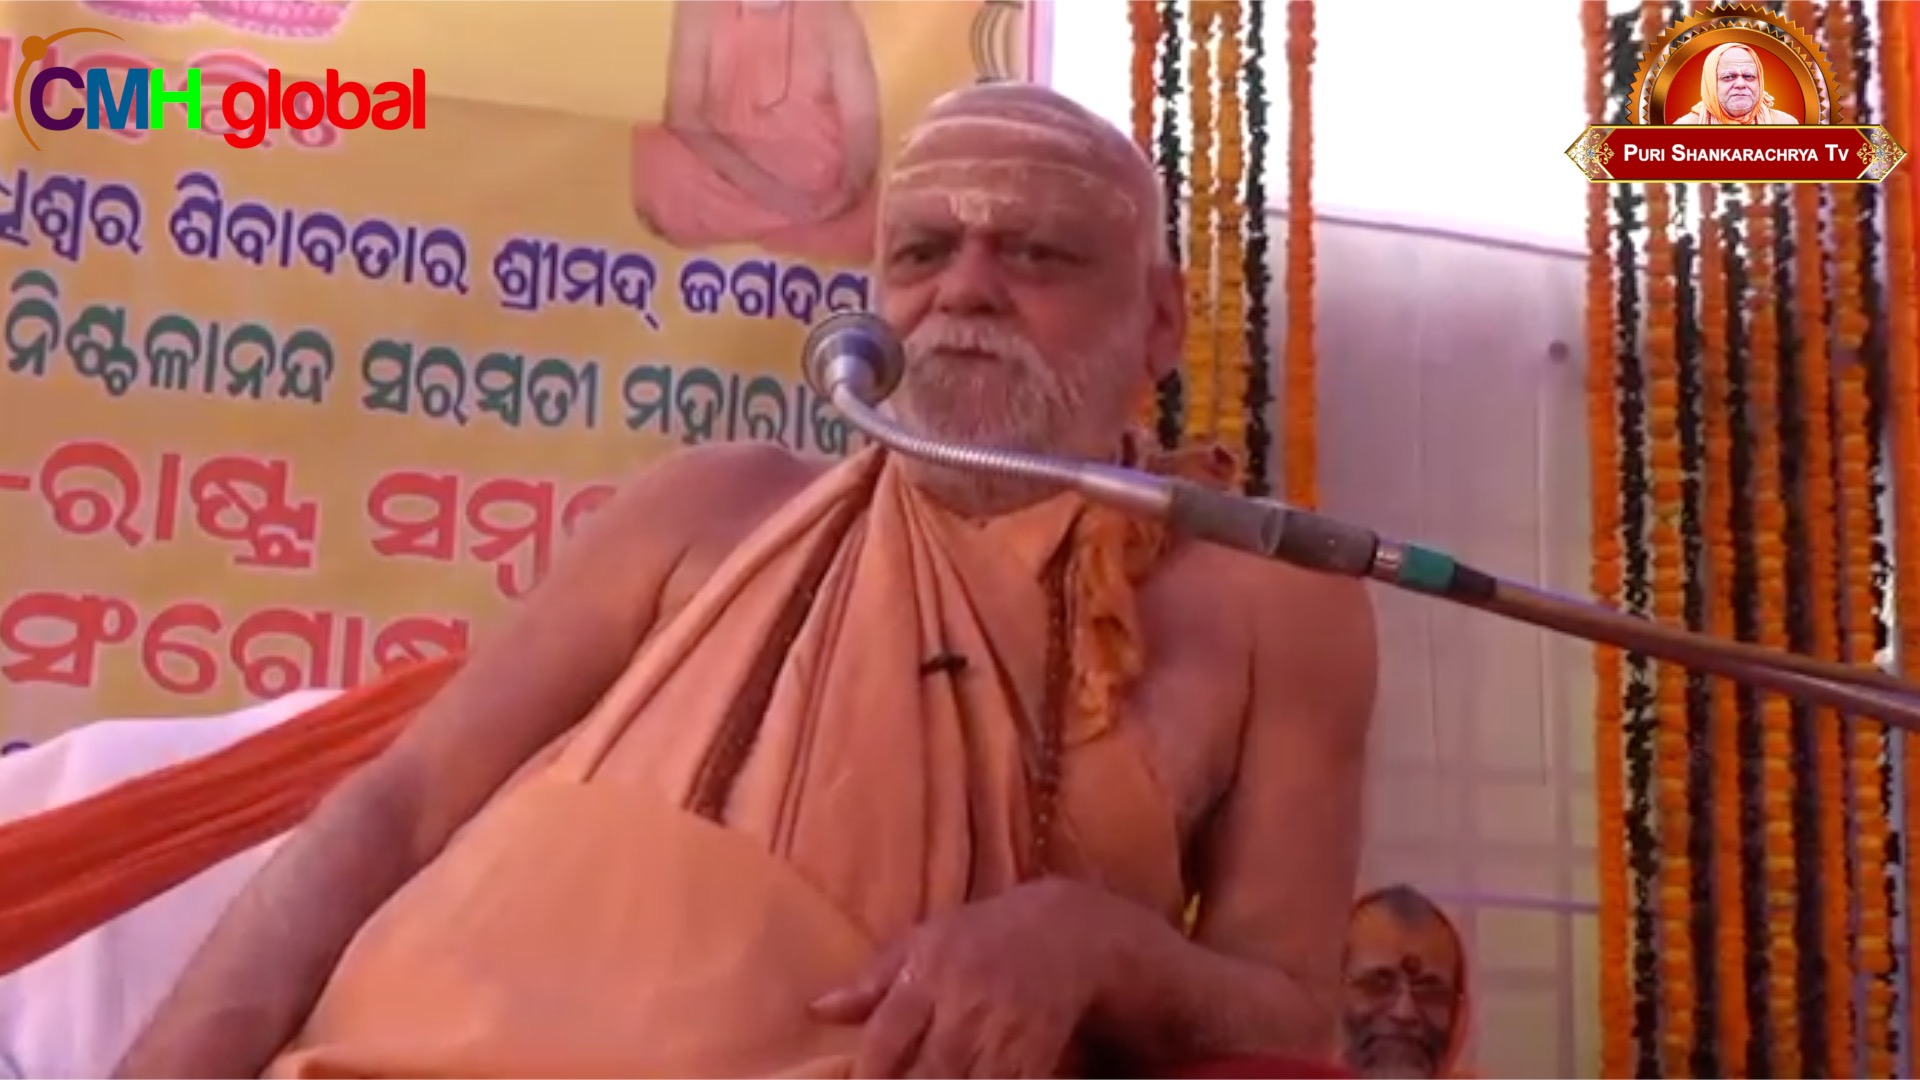 Gyan Dhara Ep -16 by Puri Shankaracharya Swami Nishchalananda Saraswati Ji